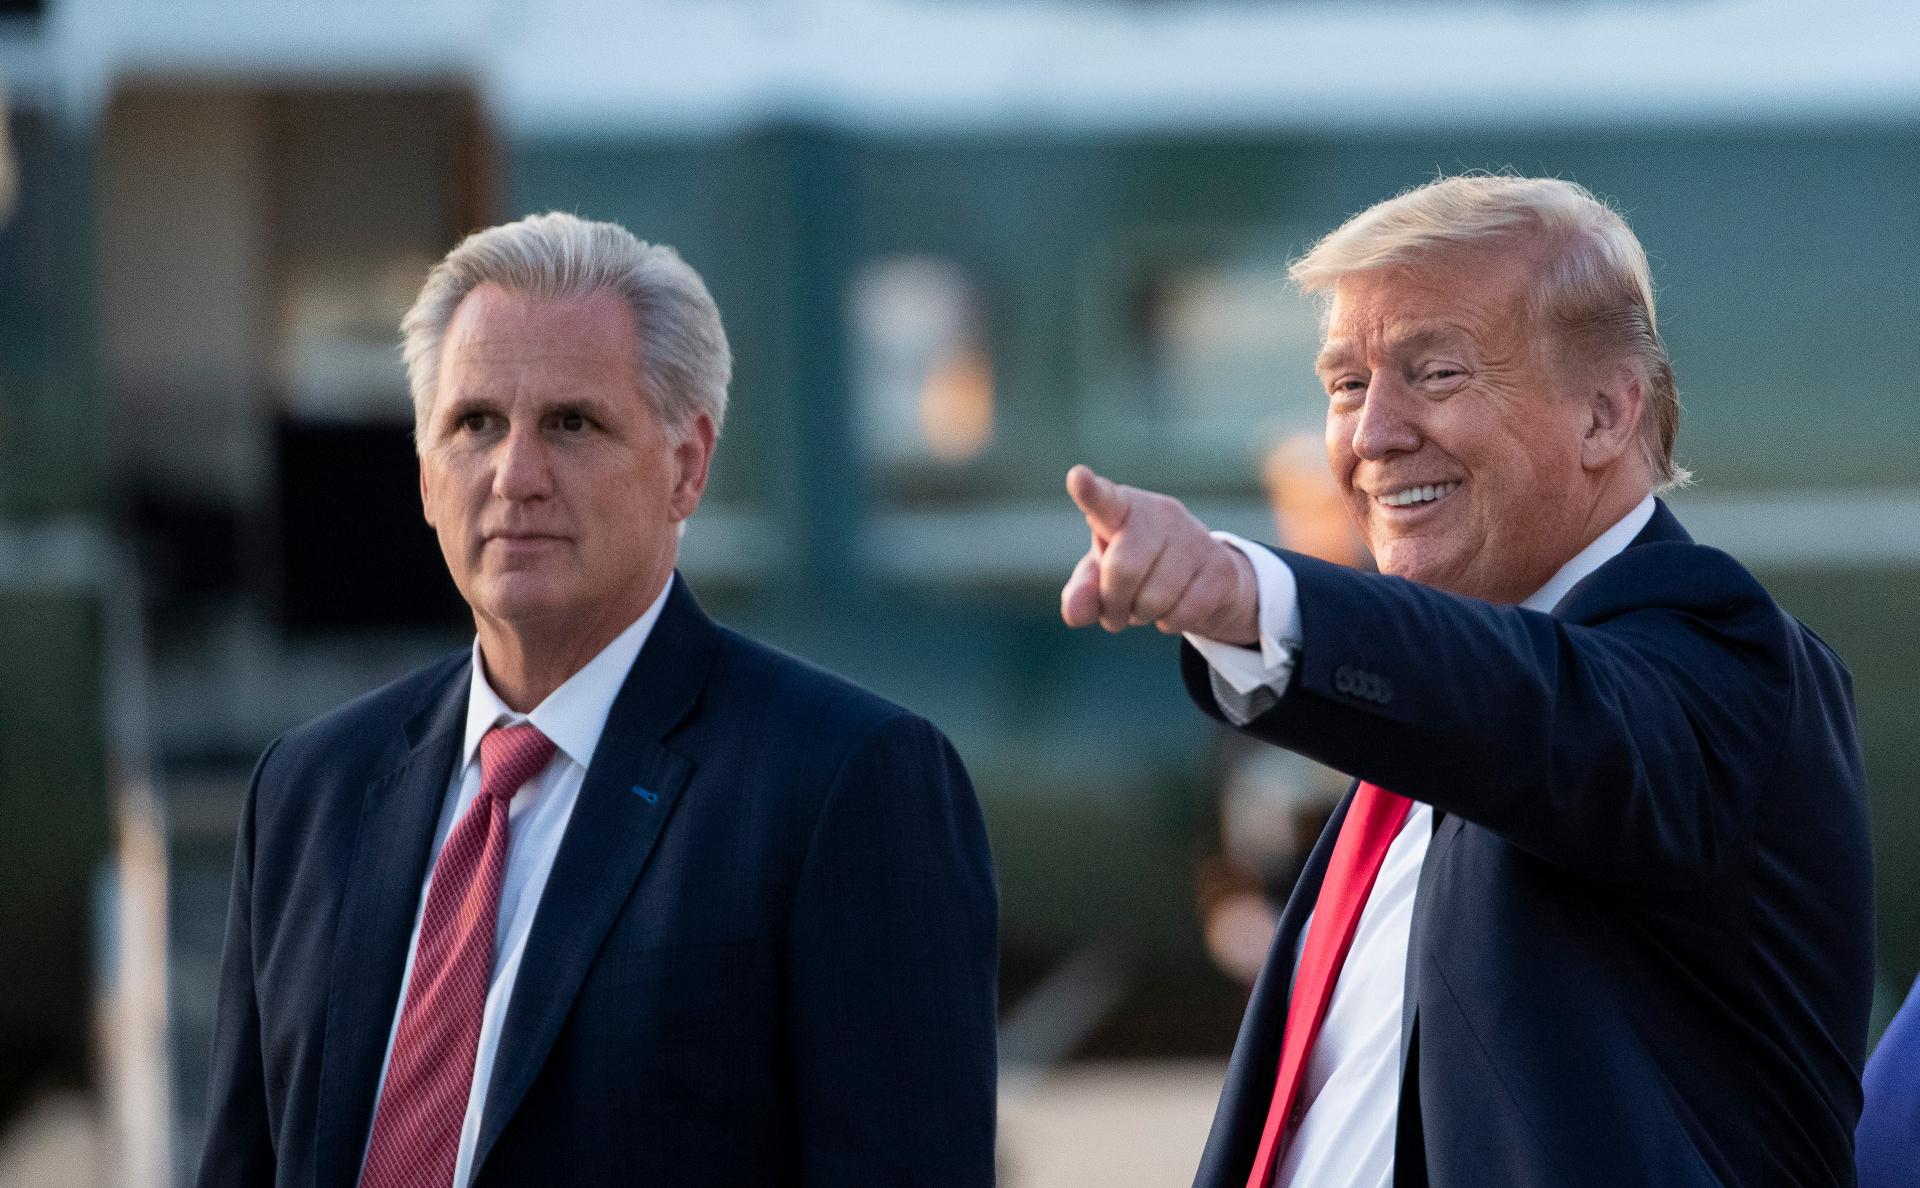 Трамп пообещал республиканцам вернуть большинство в палате представителей